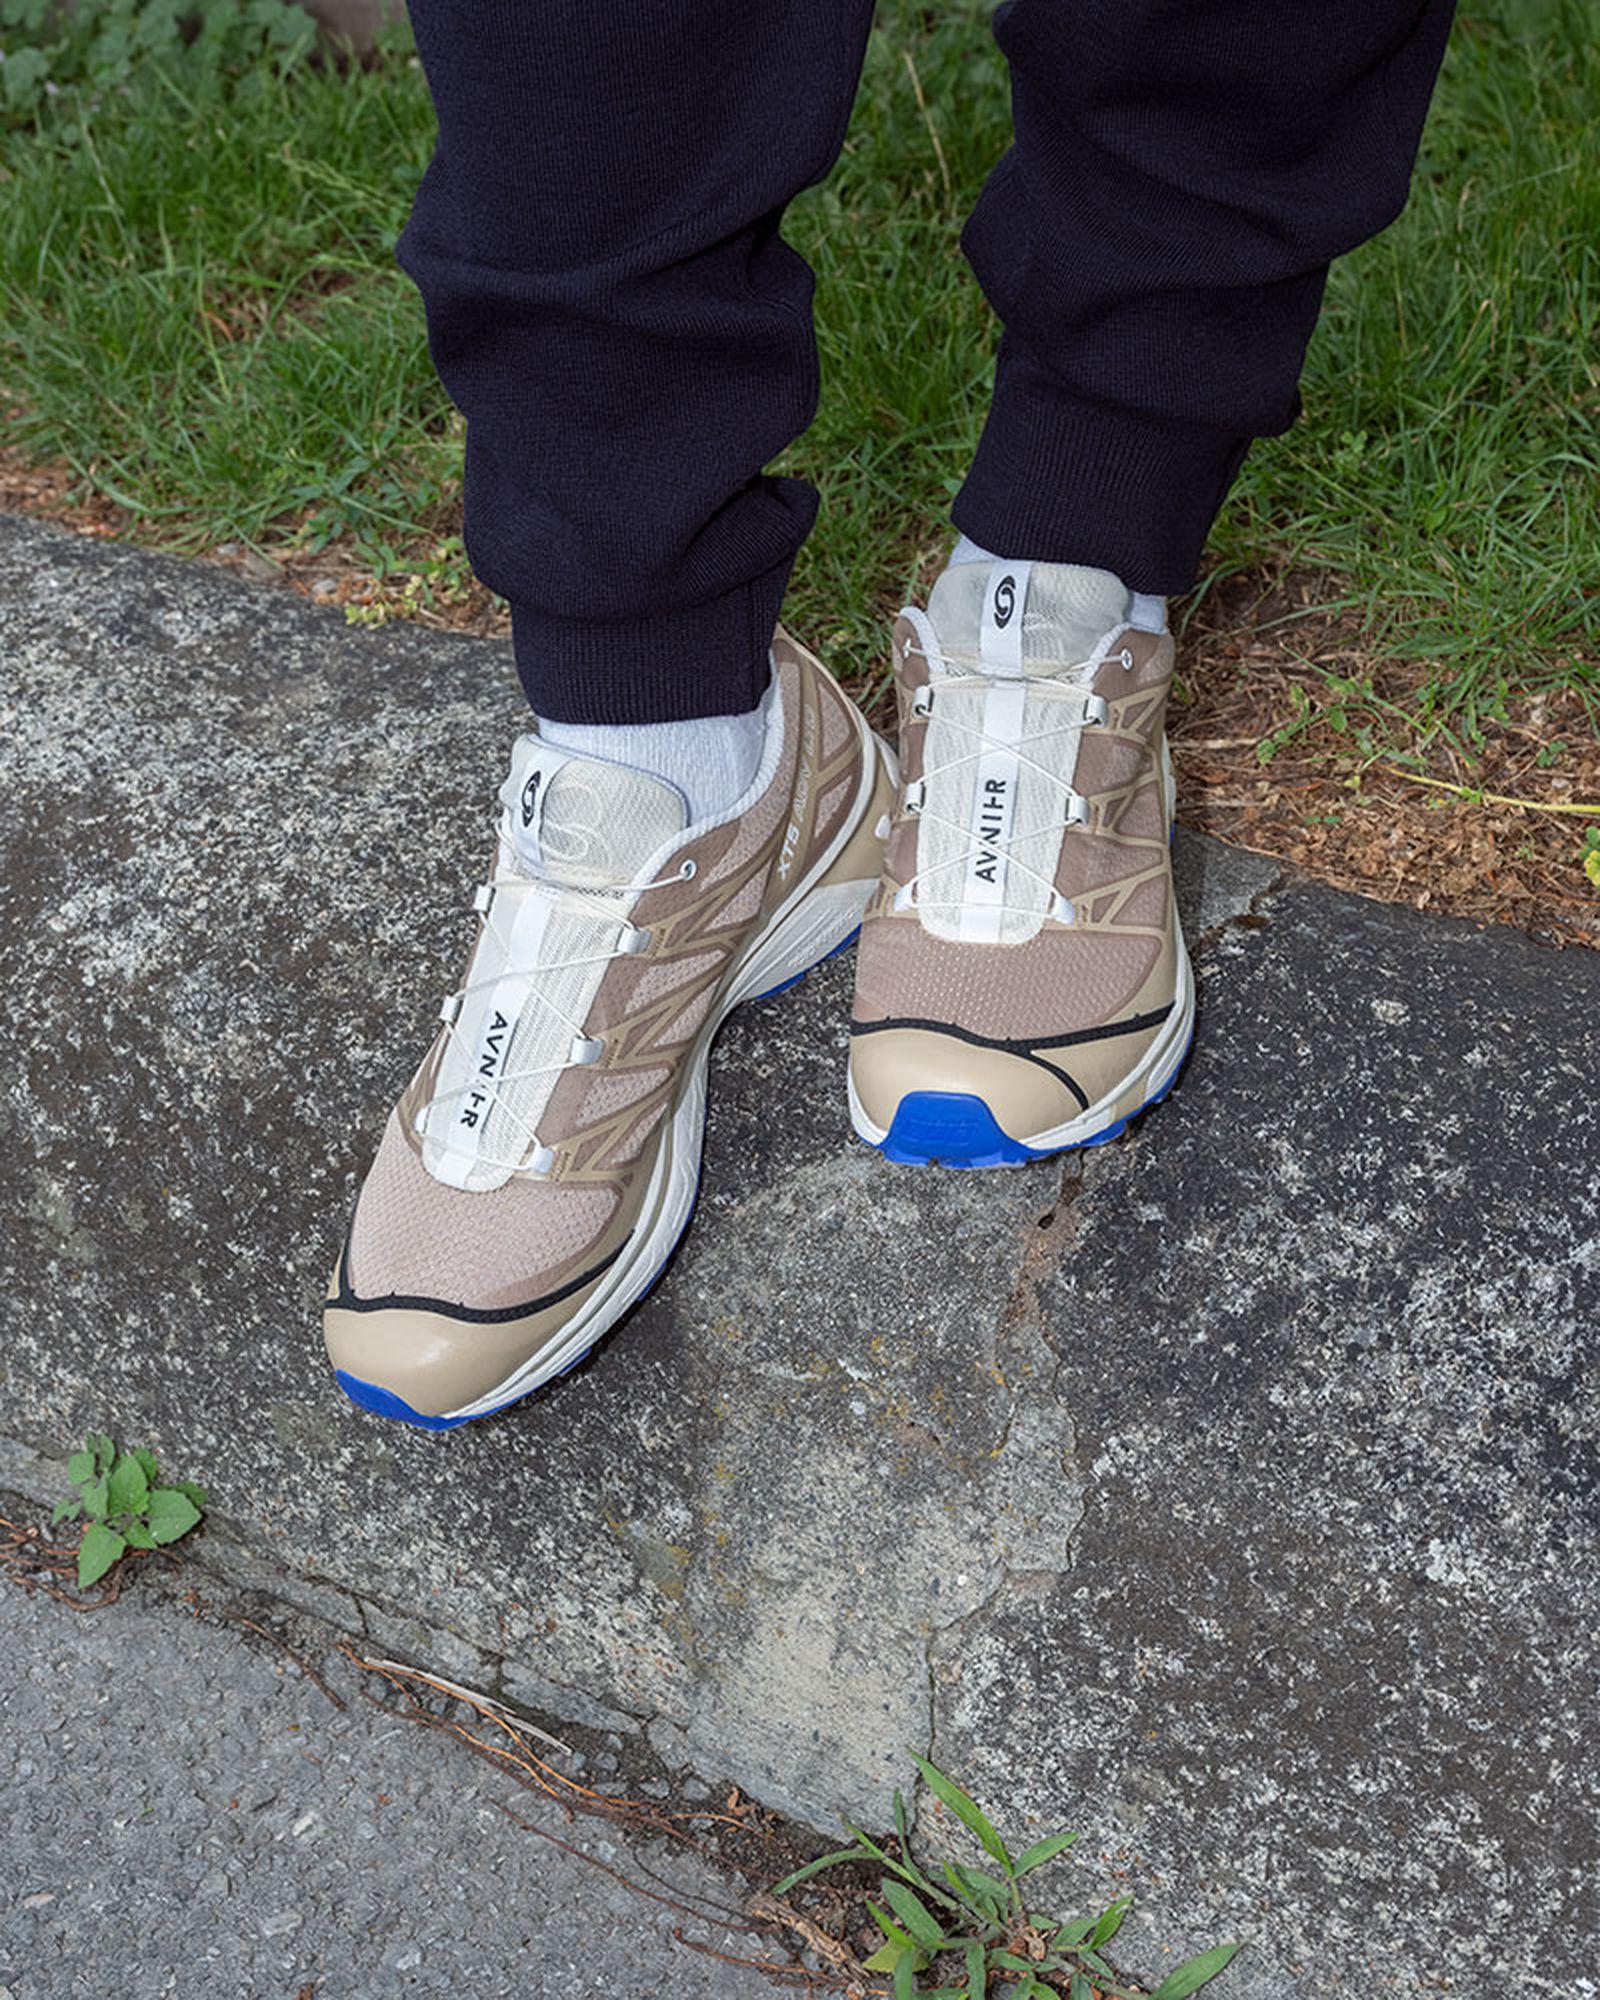 avnier x salomon s/lab xt-5 sneaker in beige and blue